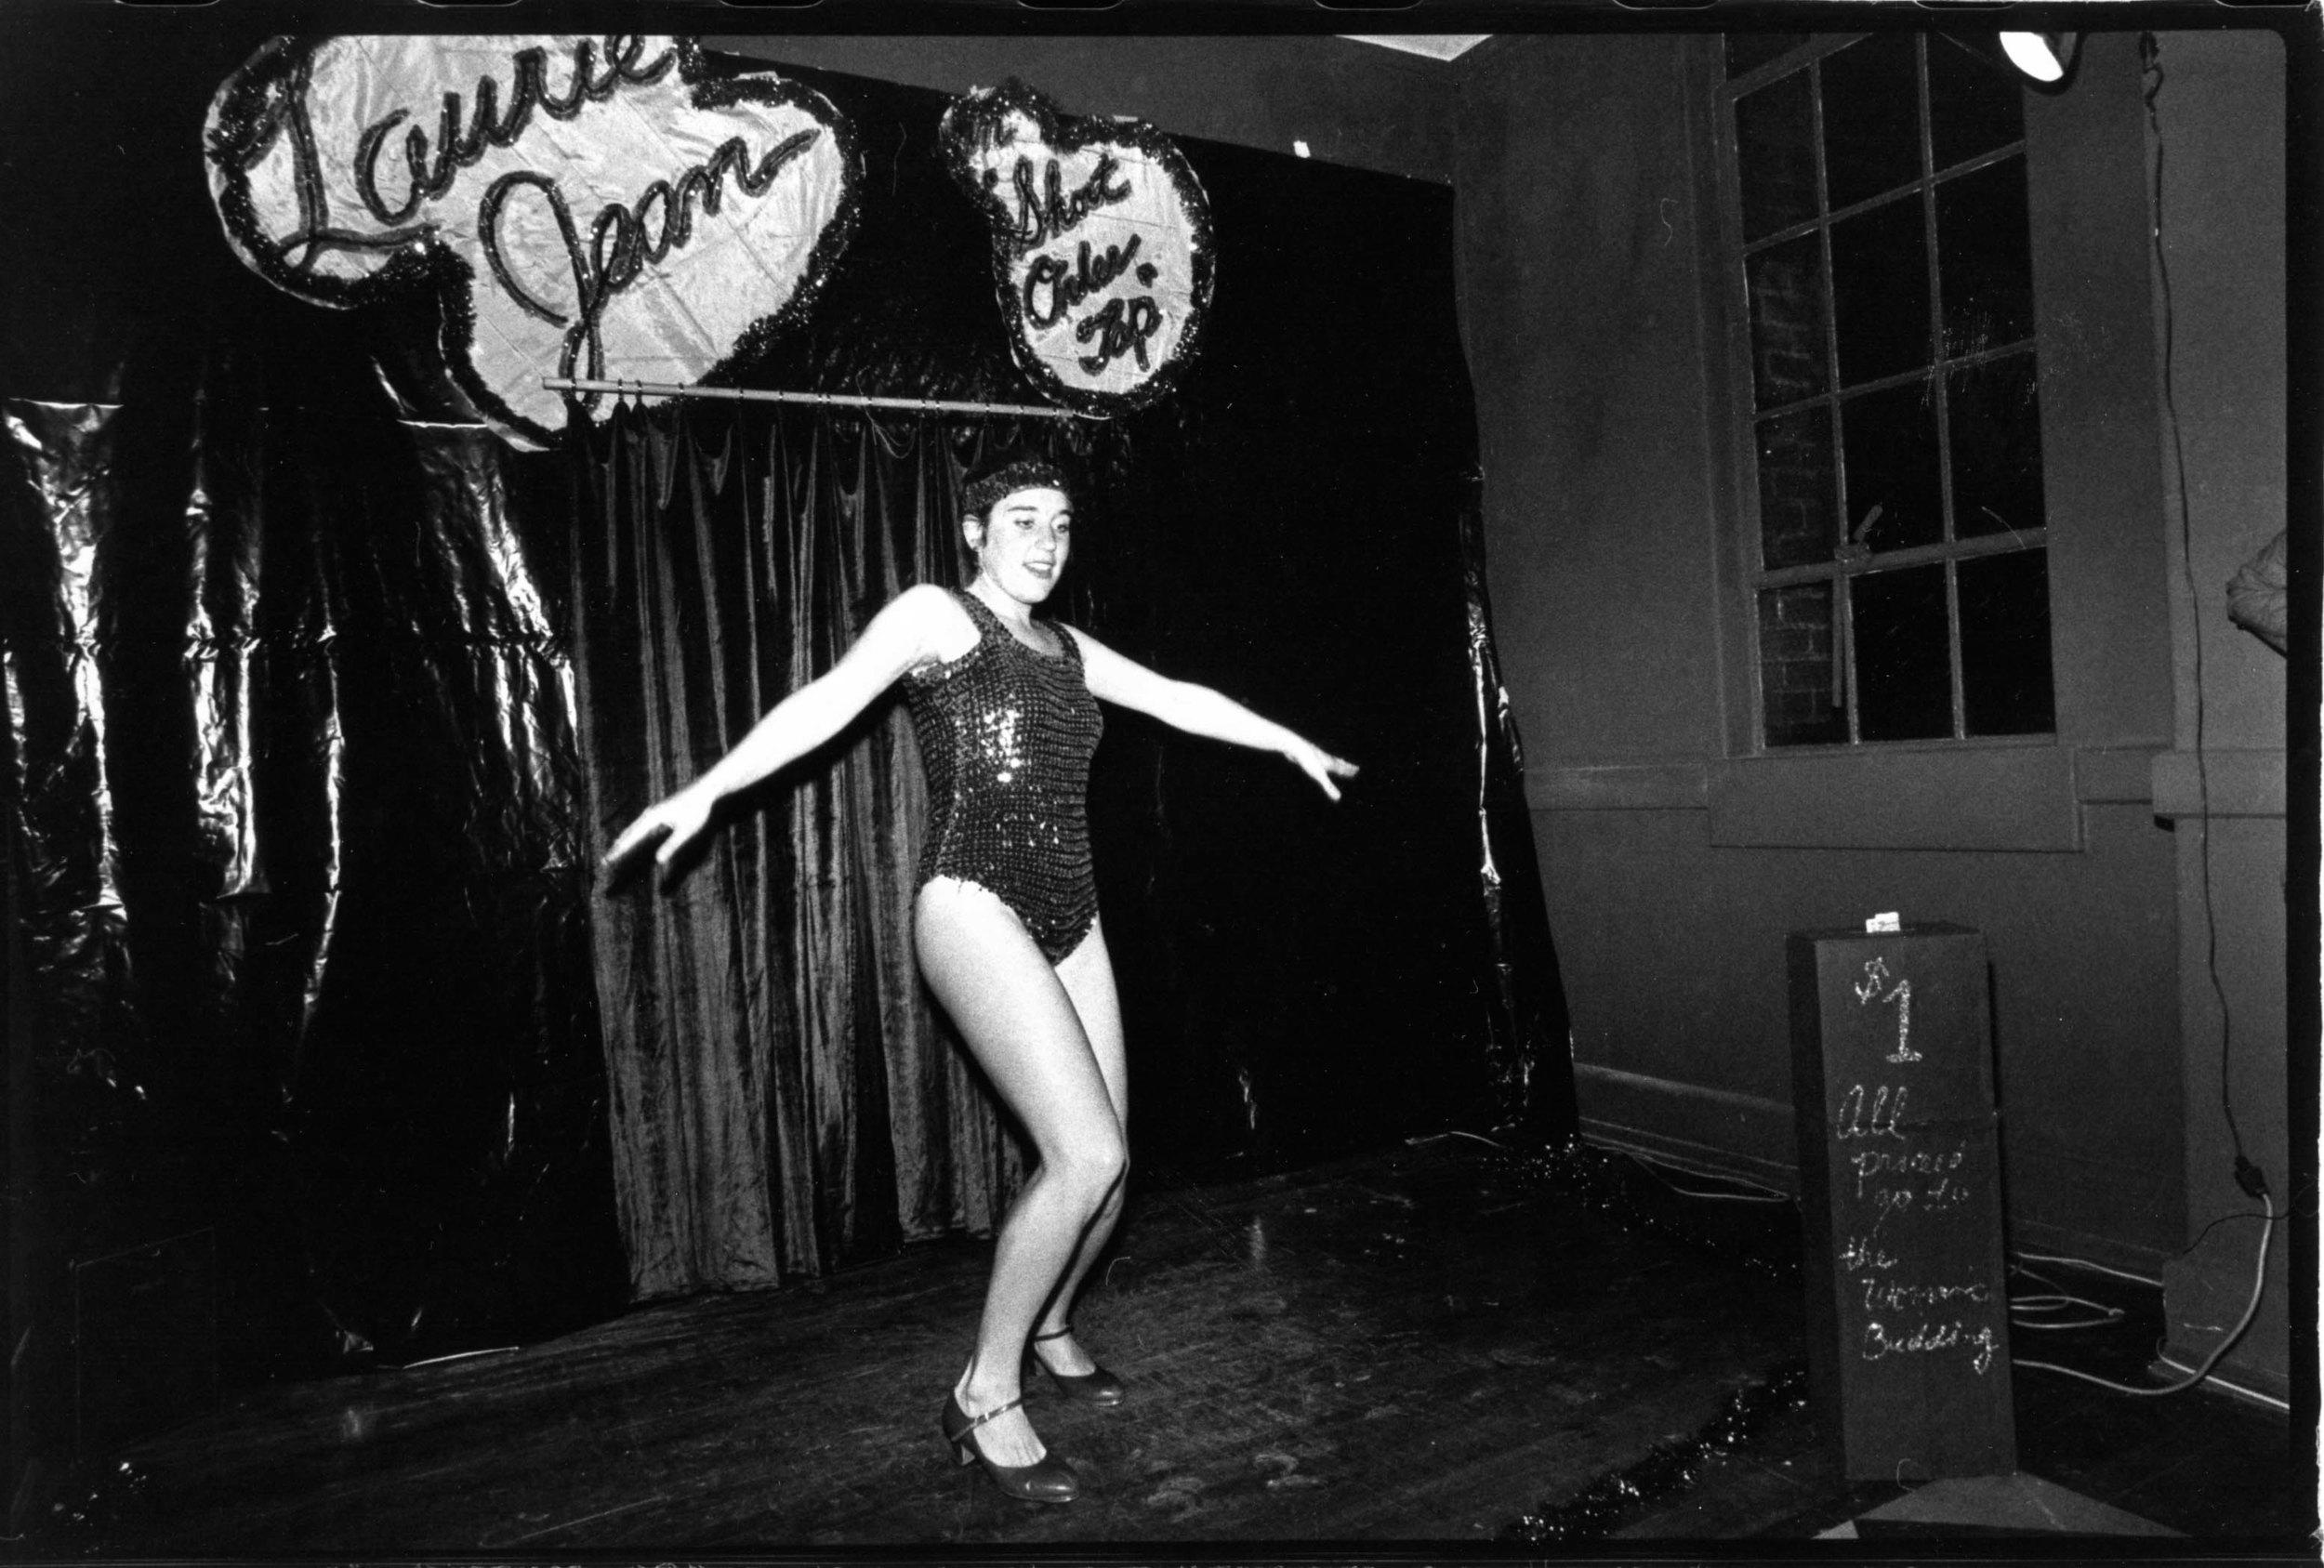 Laurie Jean, Tap Dancer Extraordinaire